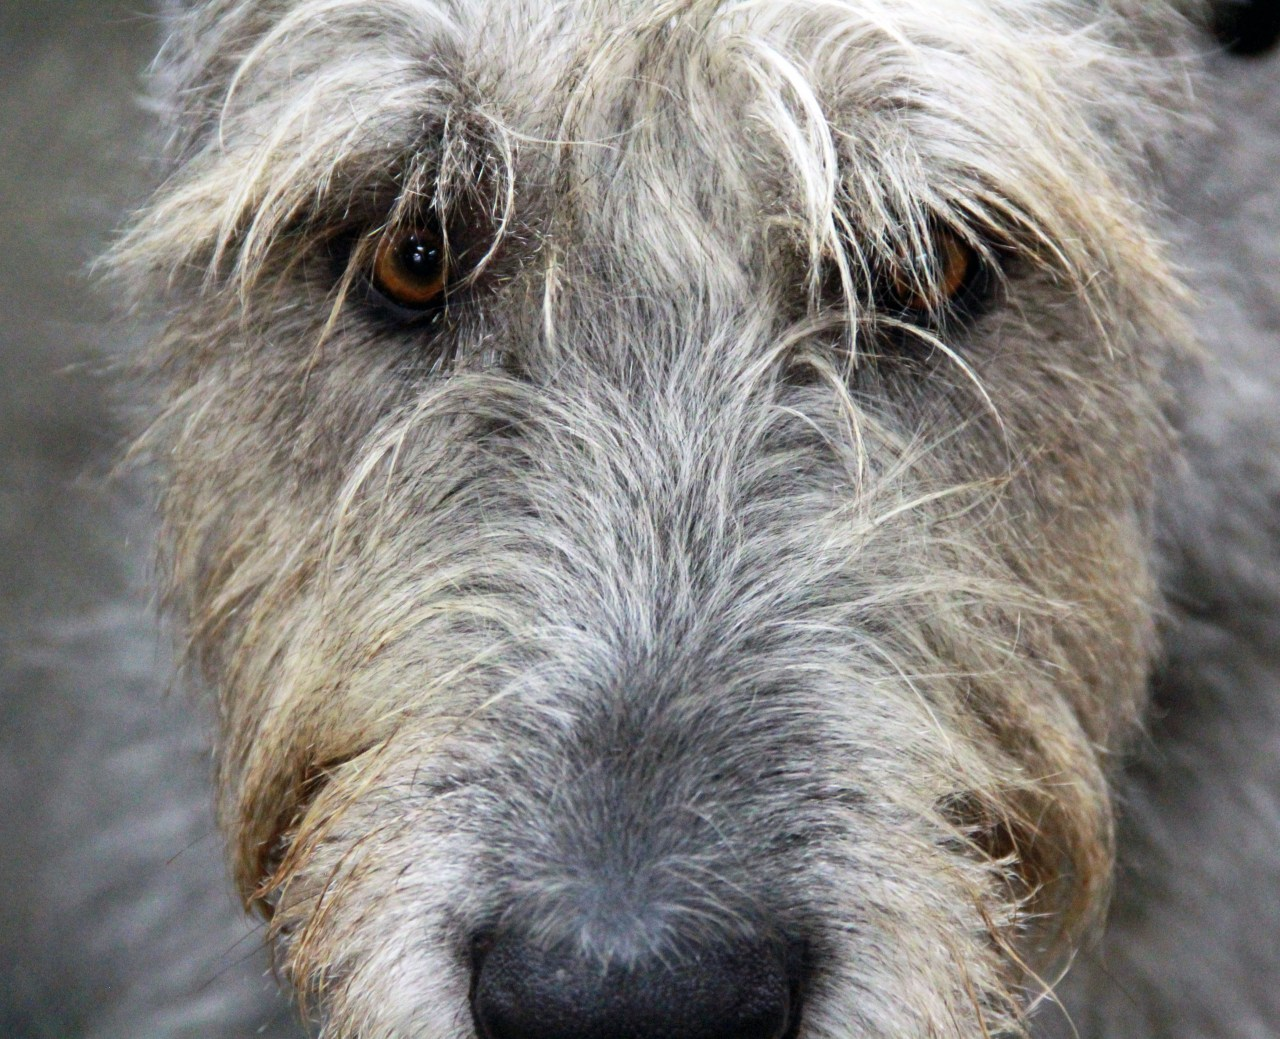 Wolfhound eyes